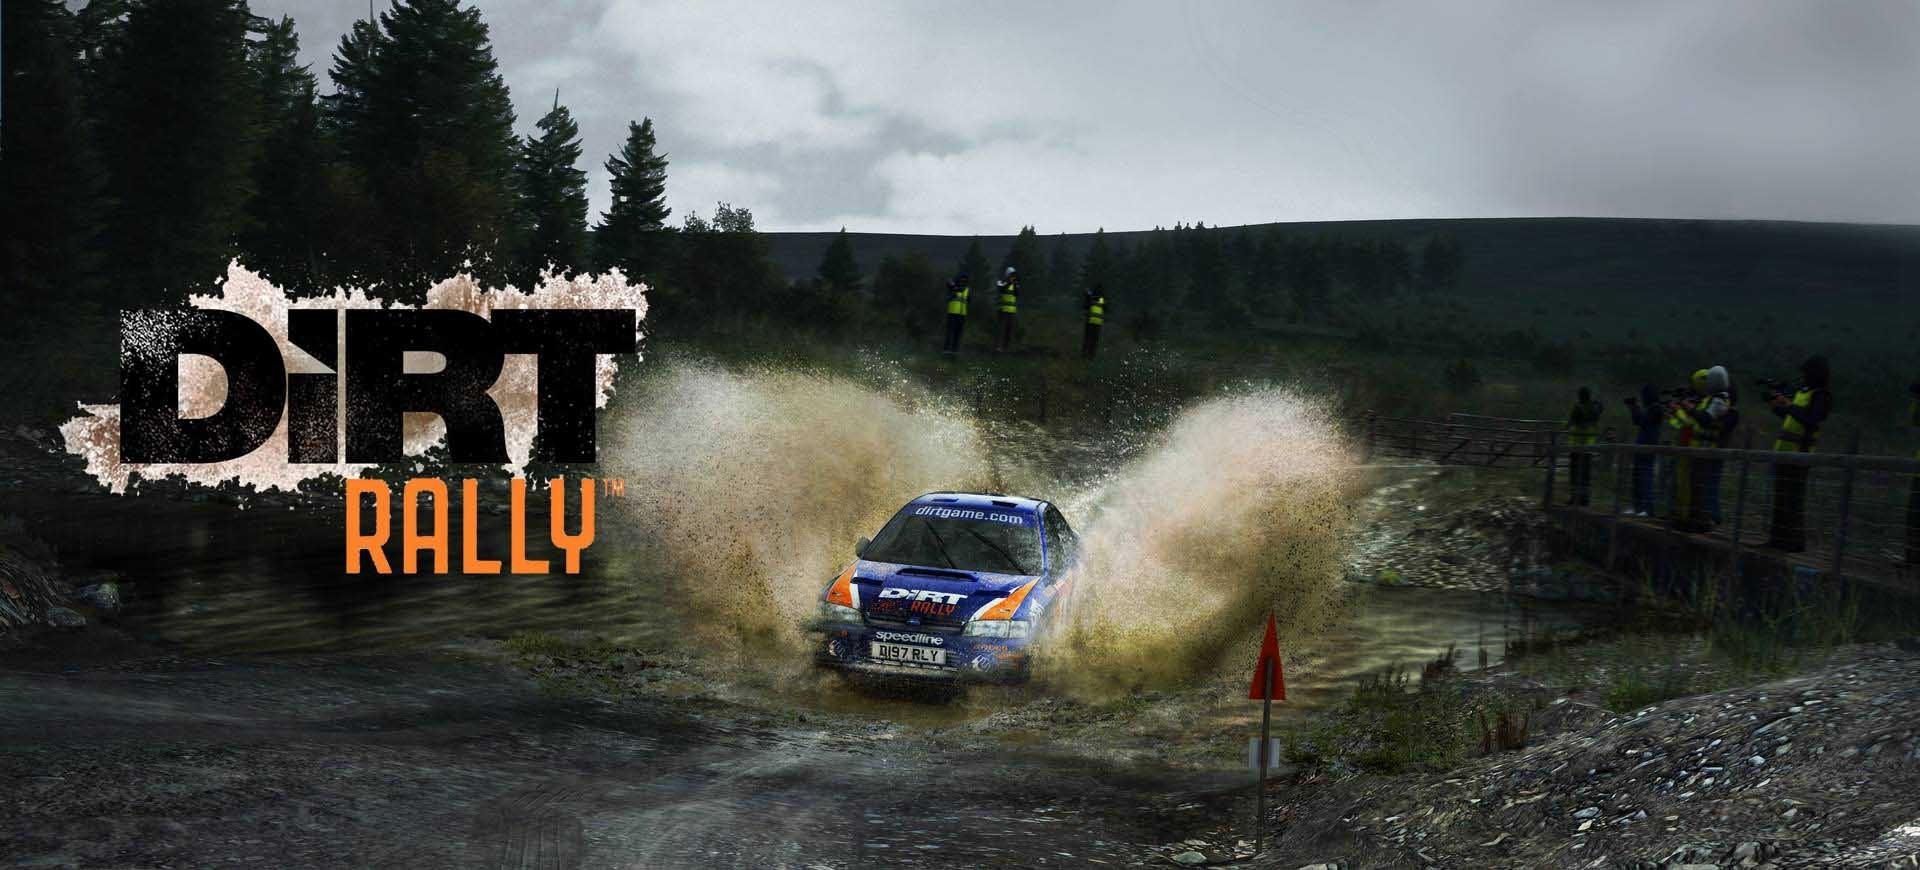 dirt-rally-duong-dua-ruc-chay